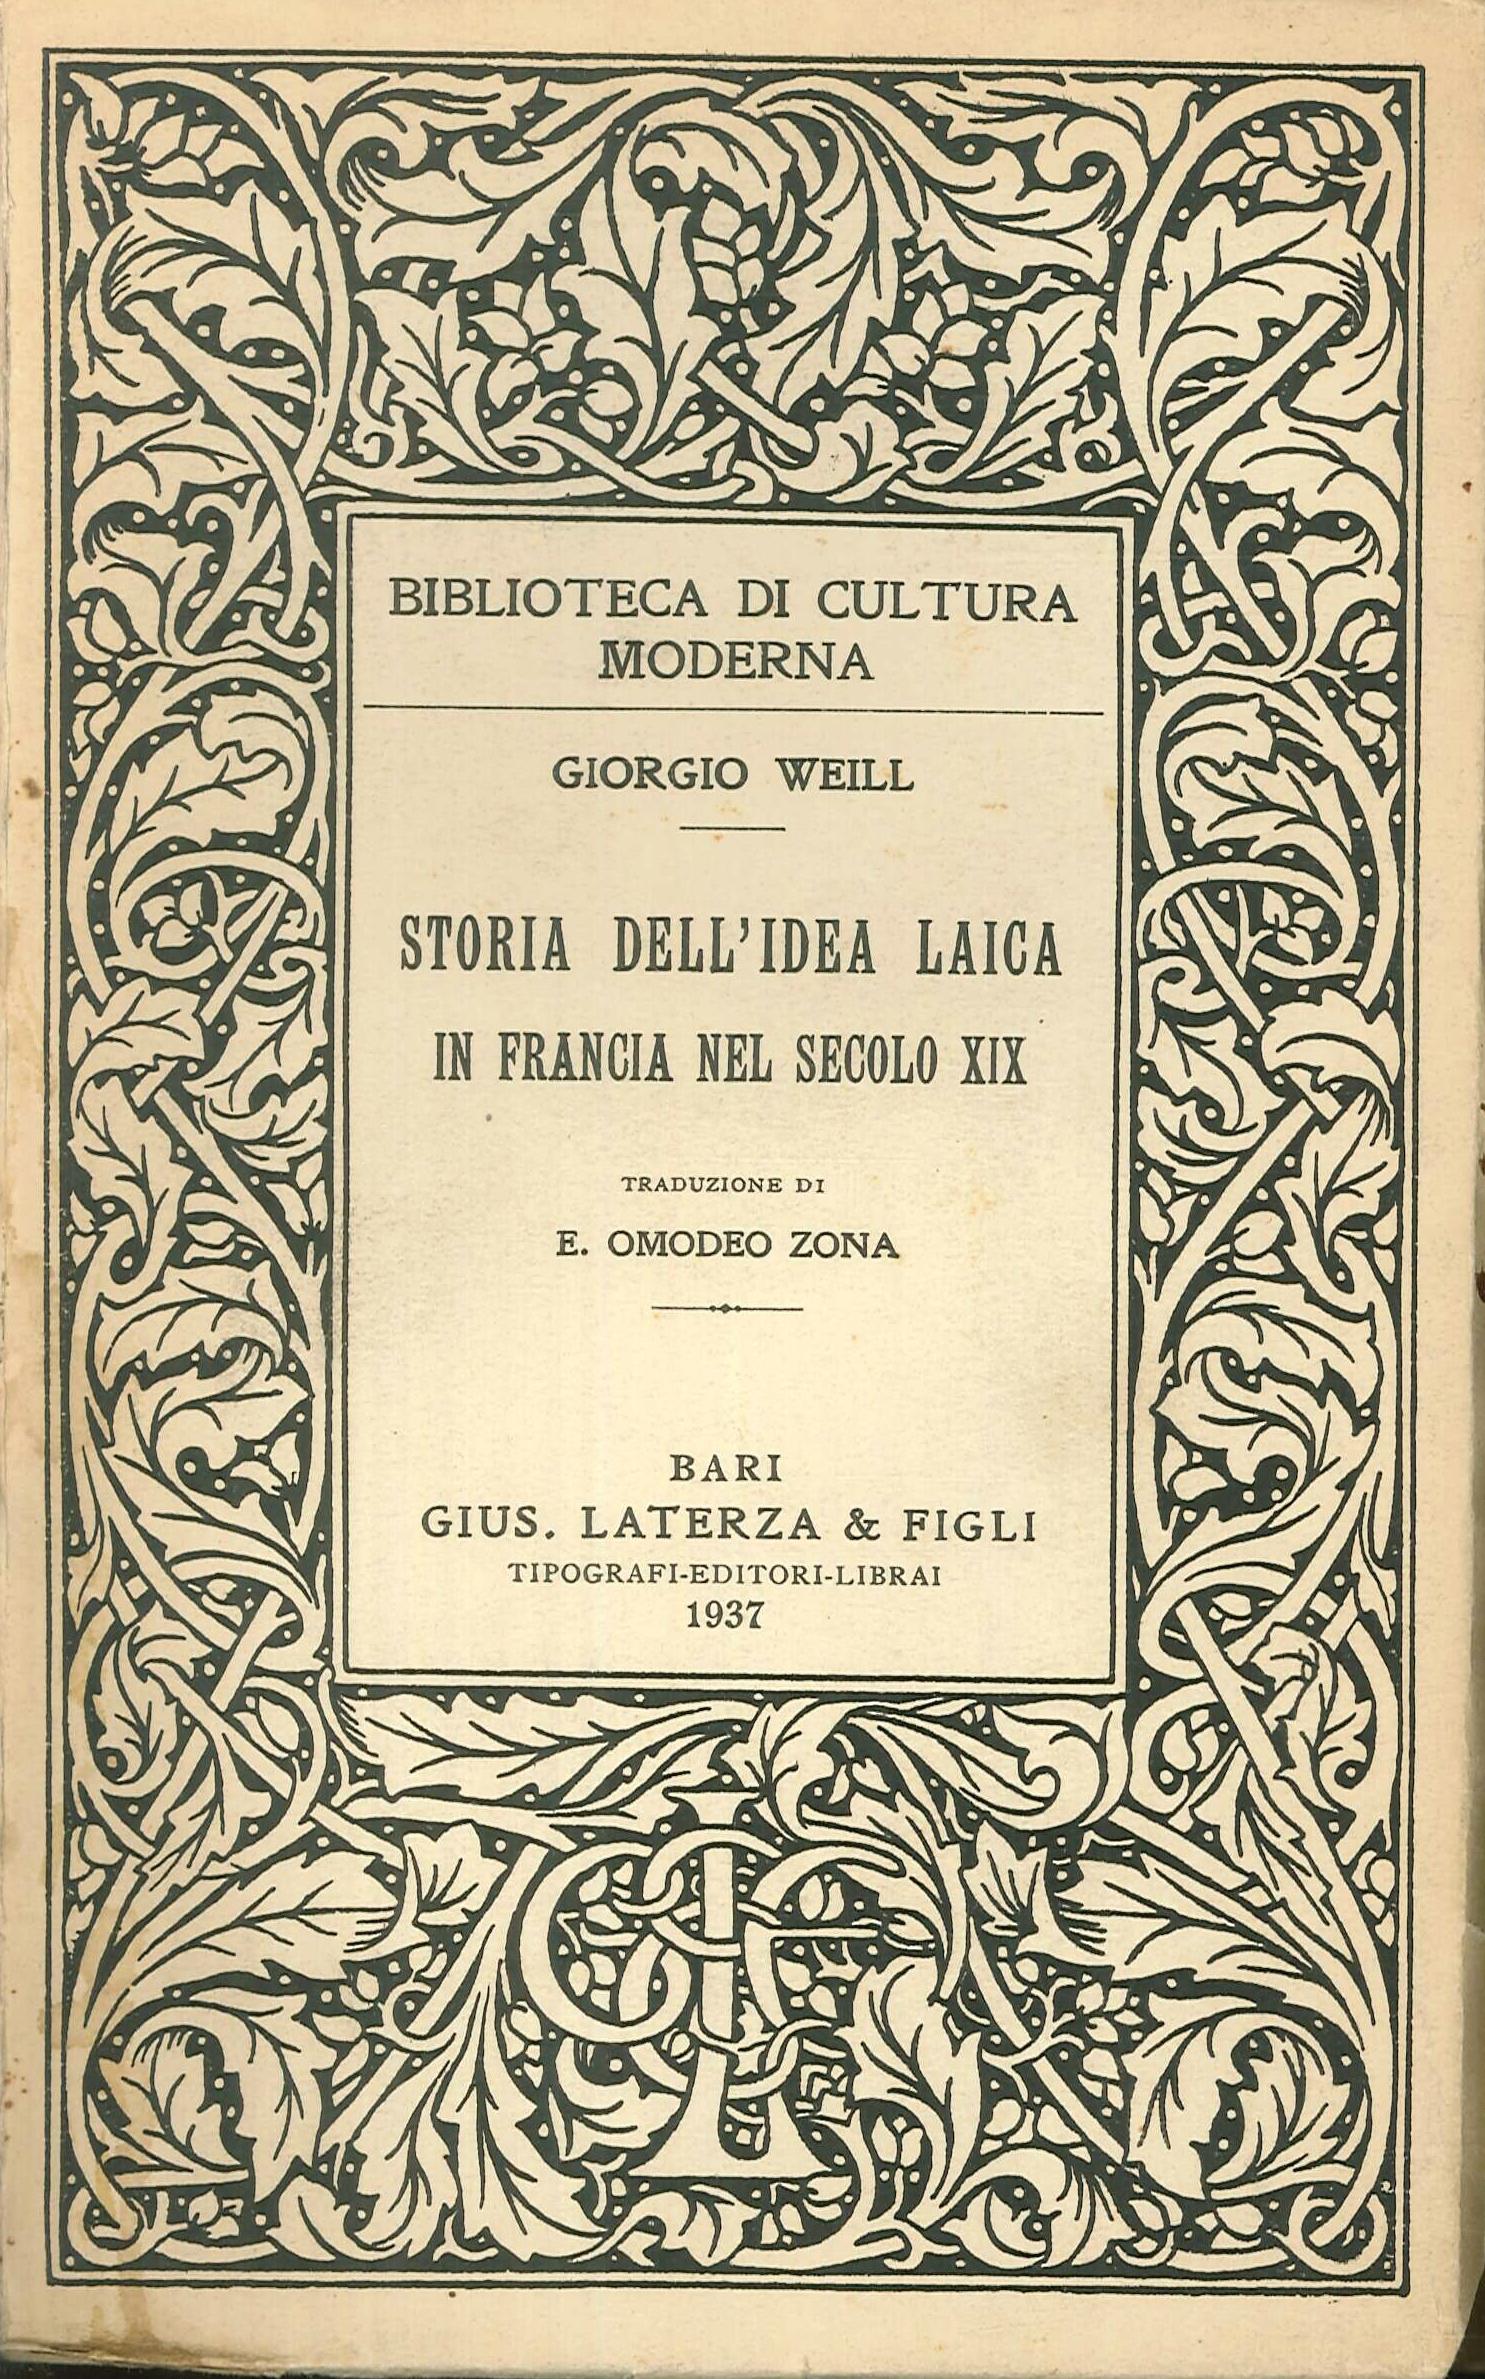 Storia dell'idea laica in Francia nel secolo XIX